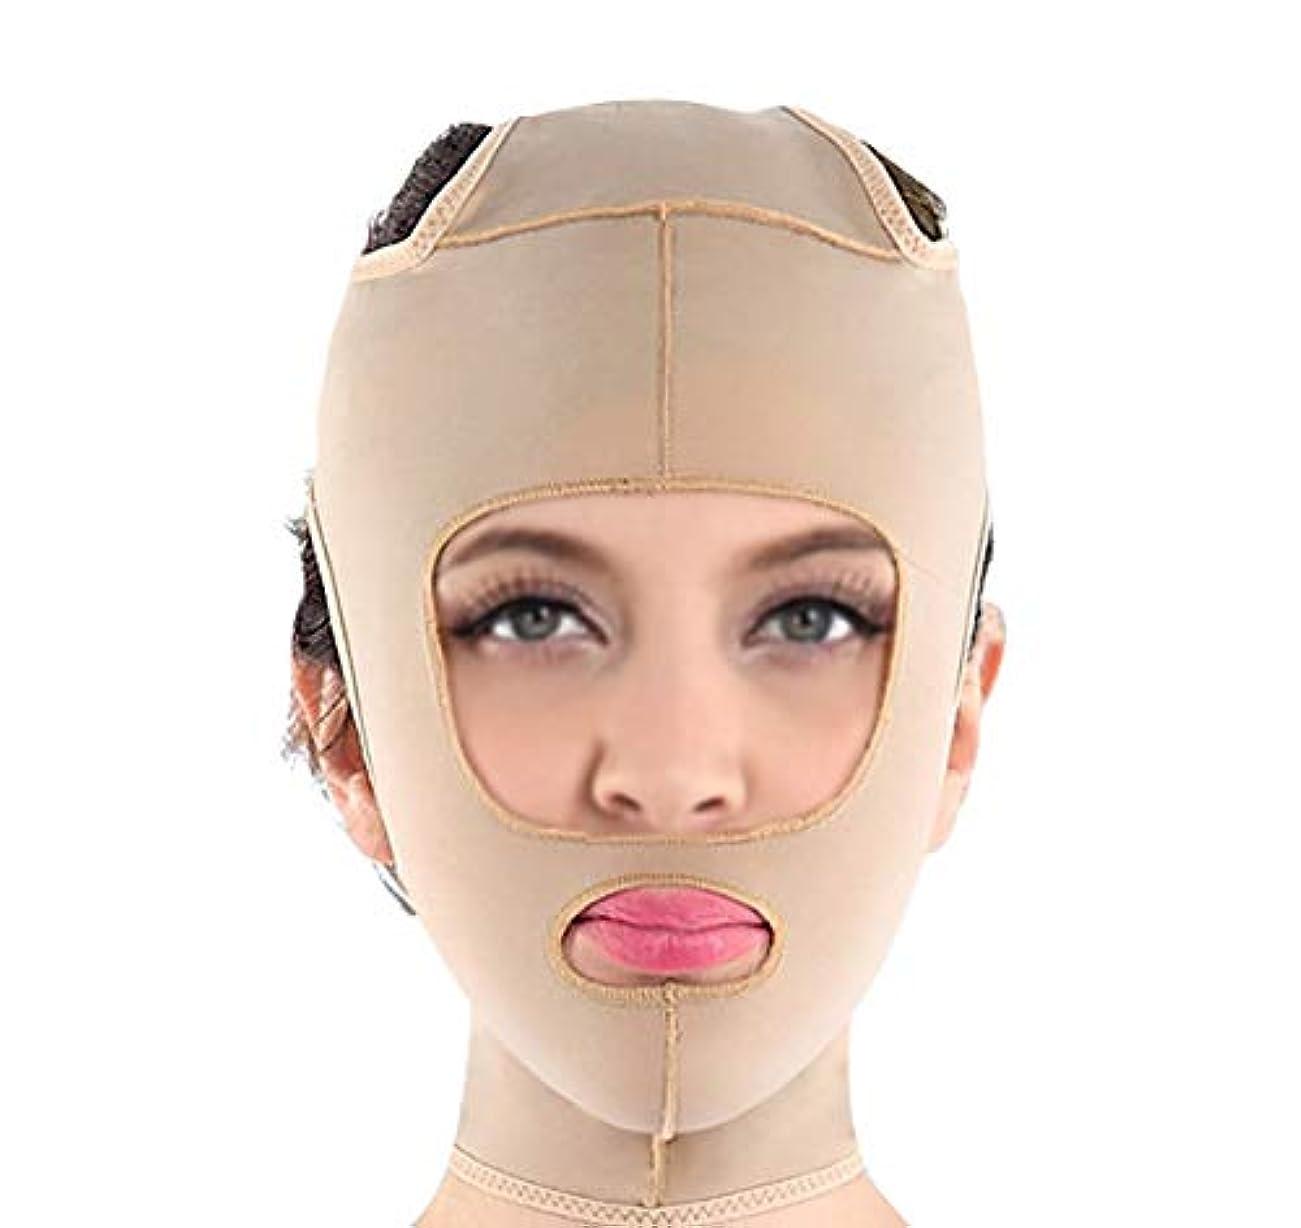 赤ちゃん重要な役割を果たす、中心的な手段となるオーブン顔に肌をより堅く保つためのフェイスリフティングマスク、V字型の顔の形、超薄型の通気性、調節可能で快適な着用 (Size : XL)